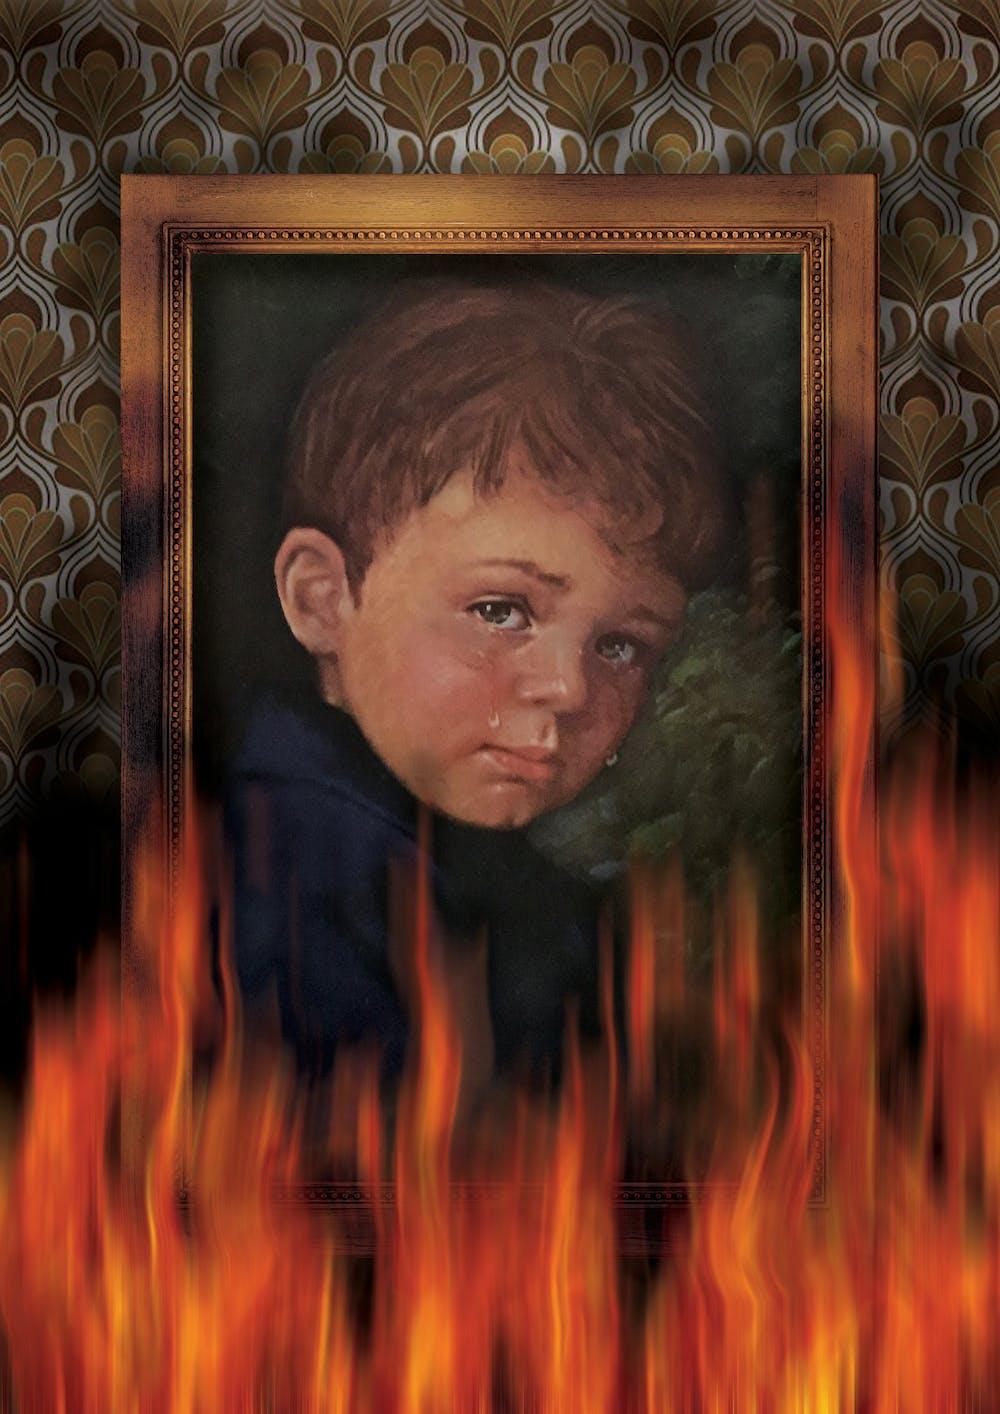 Свадьбу, открытка плачущий мальчик